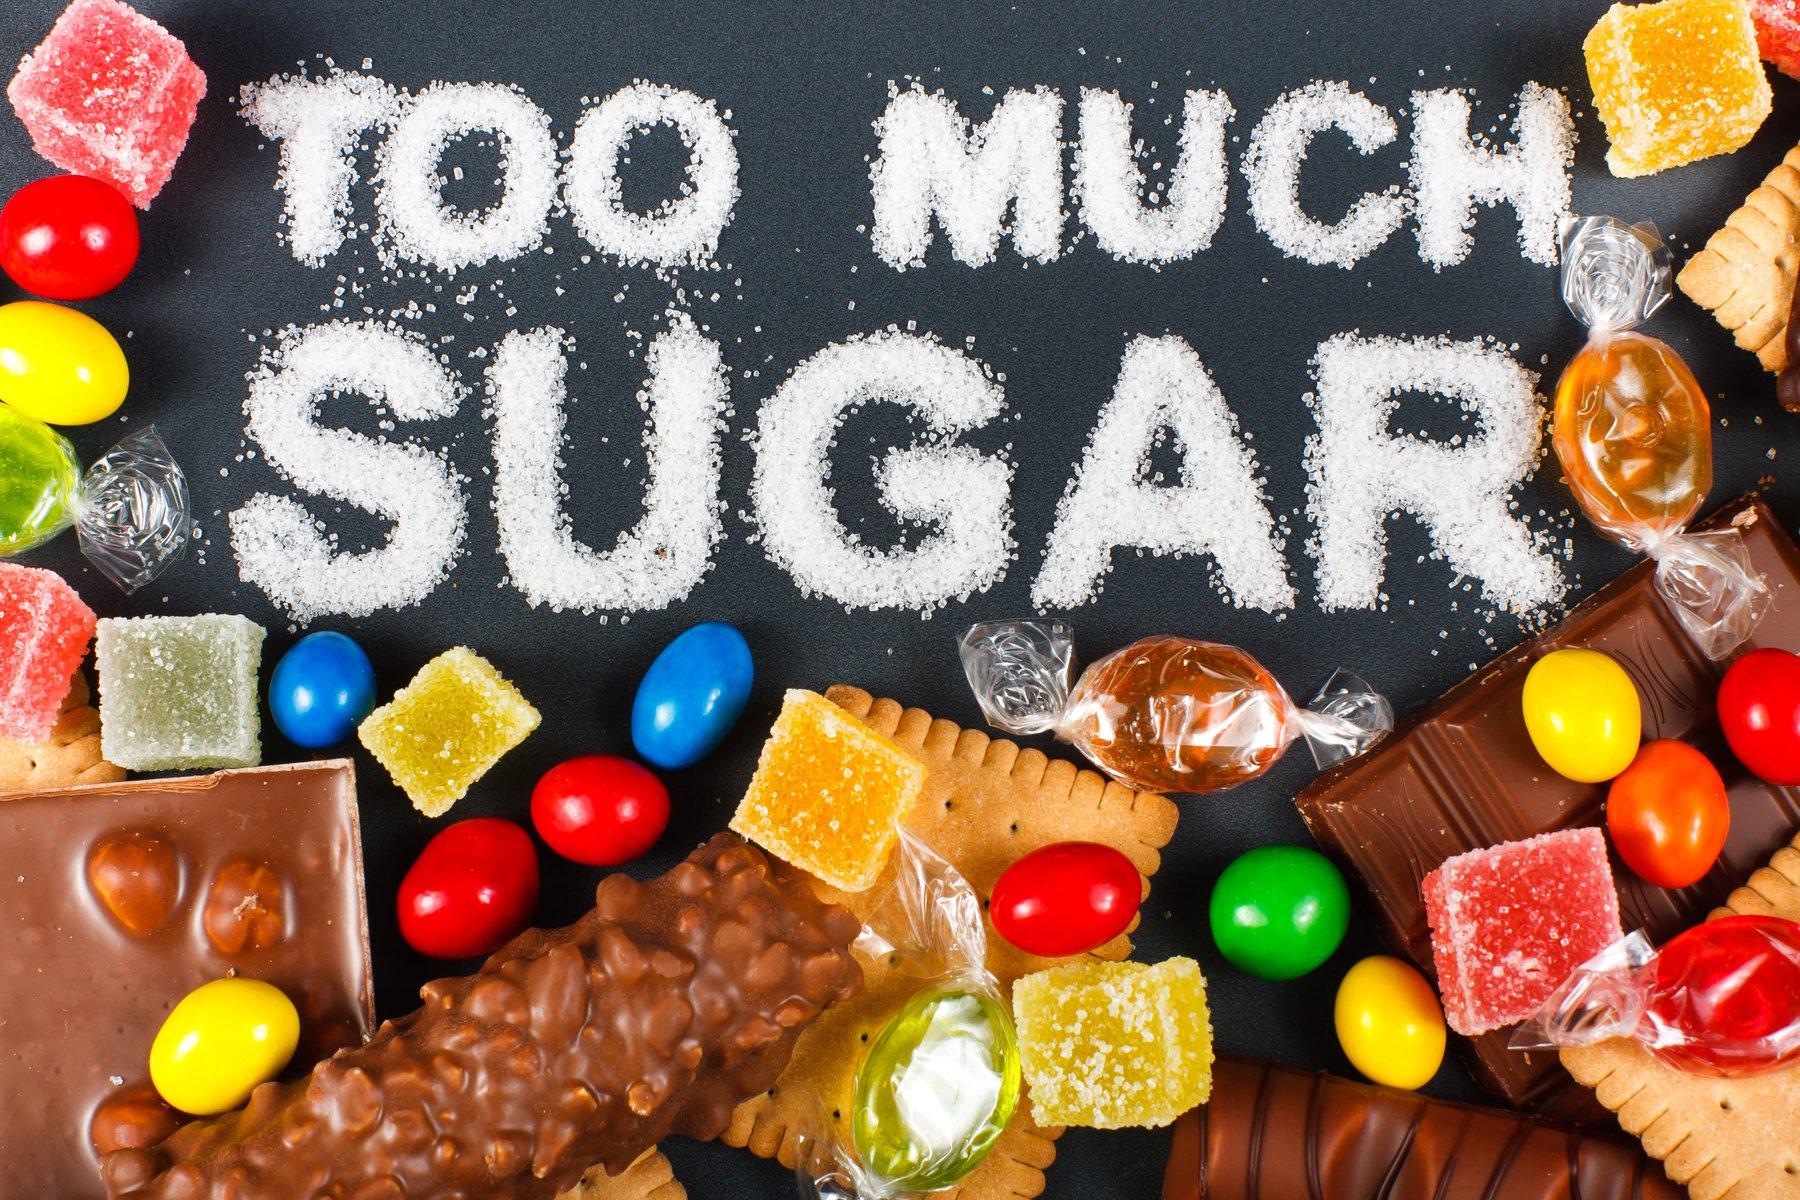 Đồ ngọt chính là một trong những thực phẩm hạn chế chiều cao ở trẻ